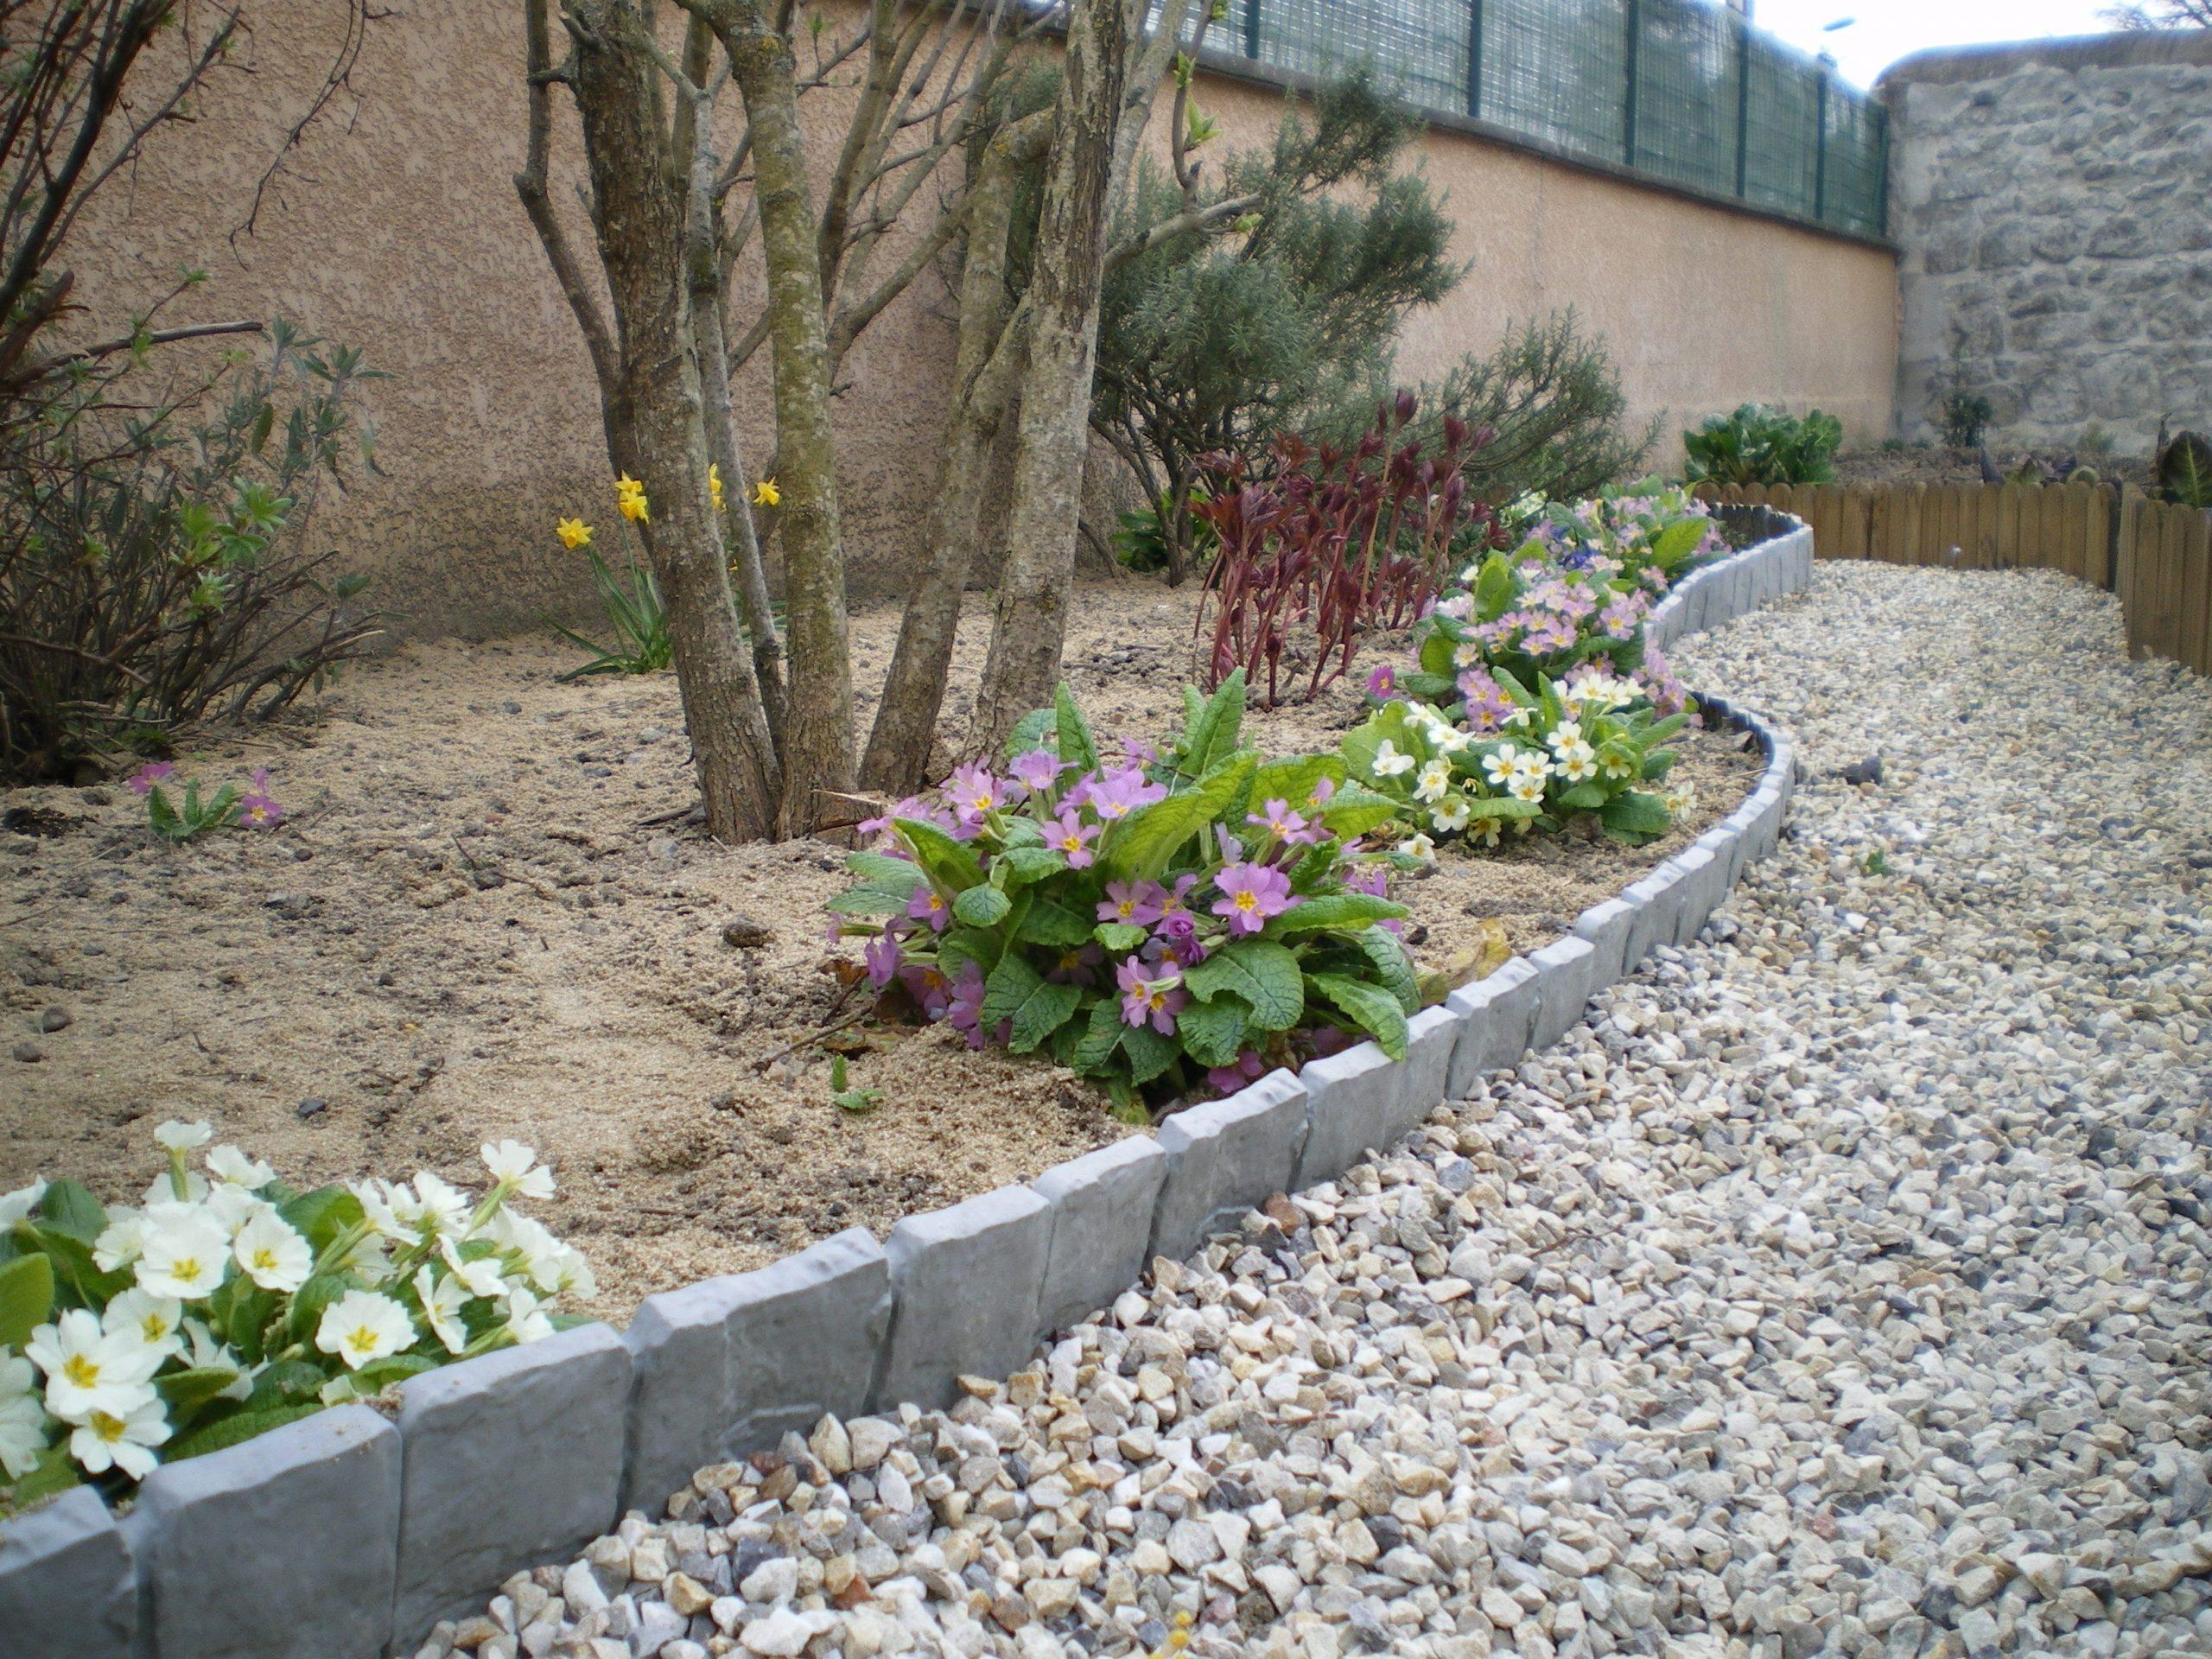 Délimitez Vos Allées De #jardin Avec De Belles Bordurettes ... destiné Bordure Jardin Pas Cher